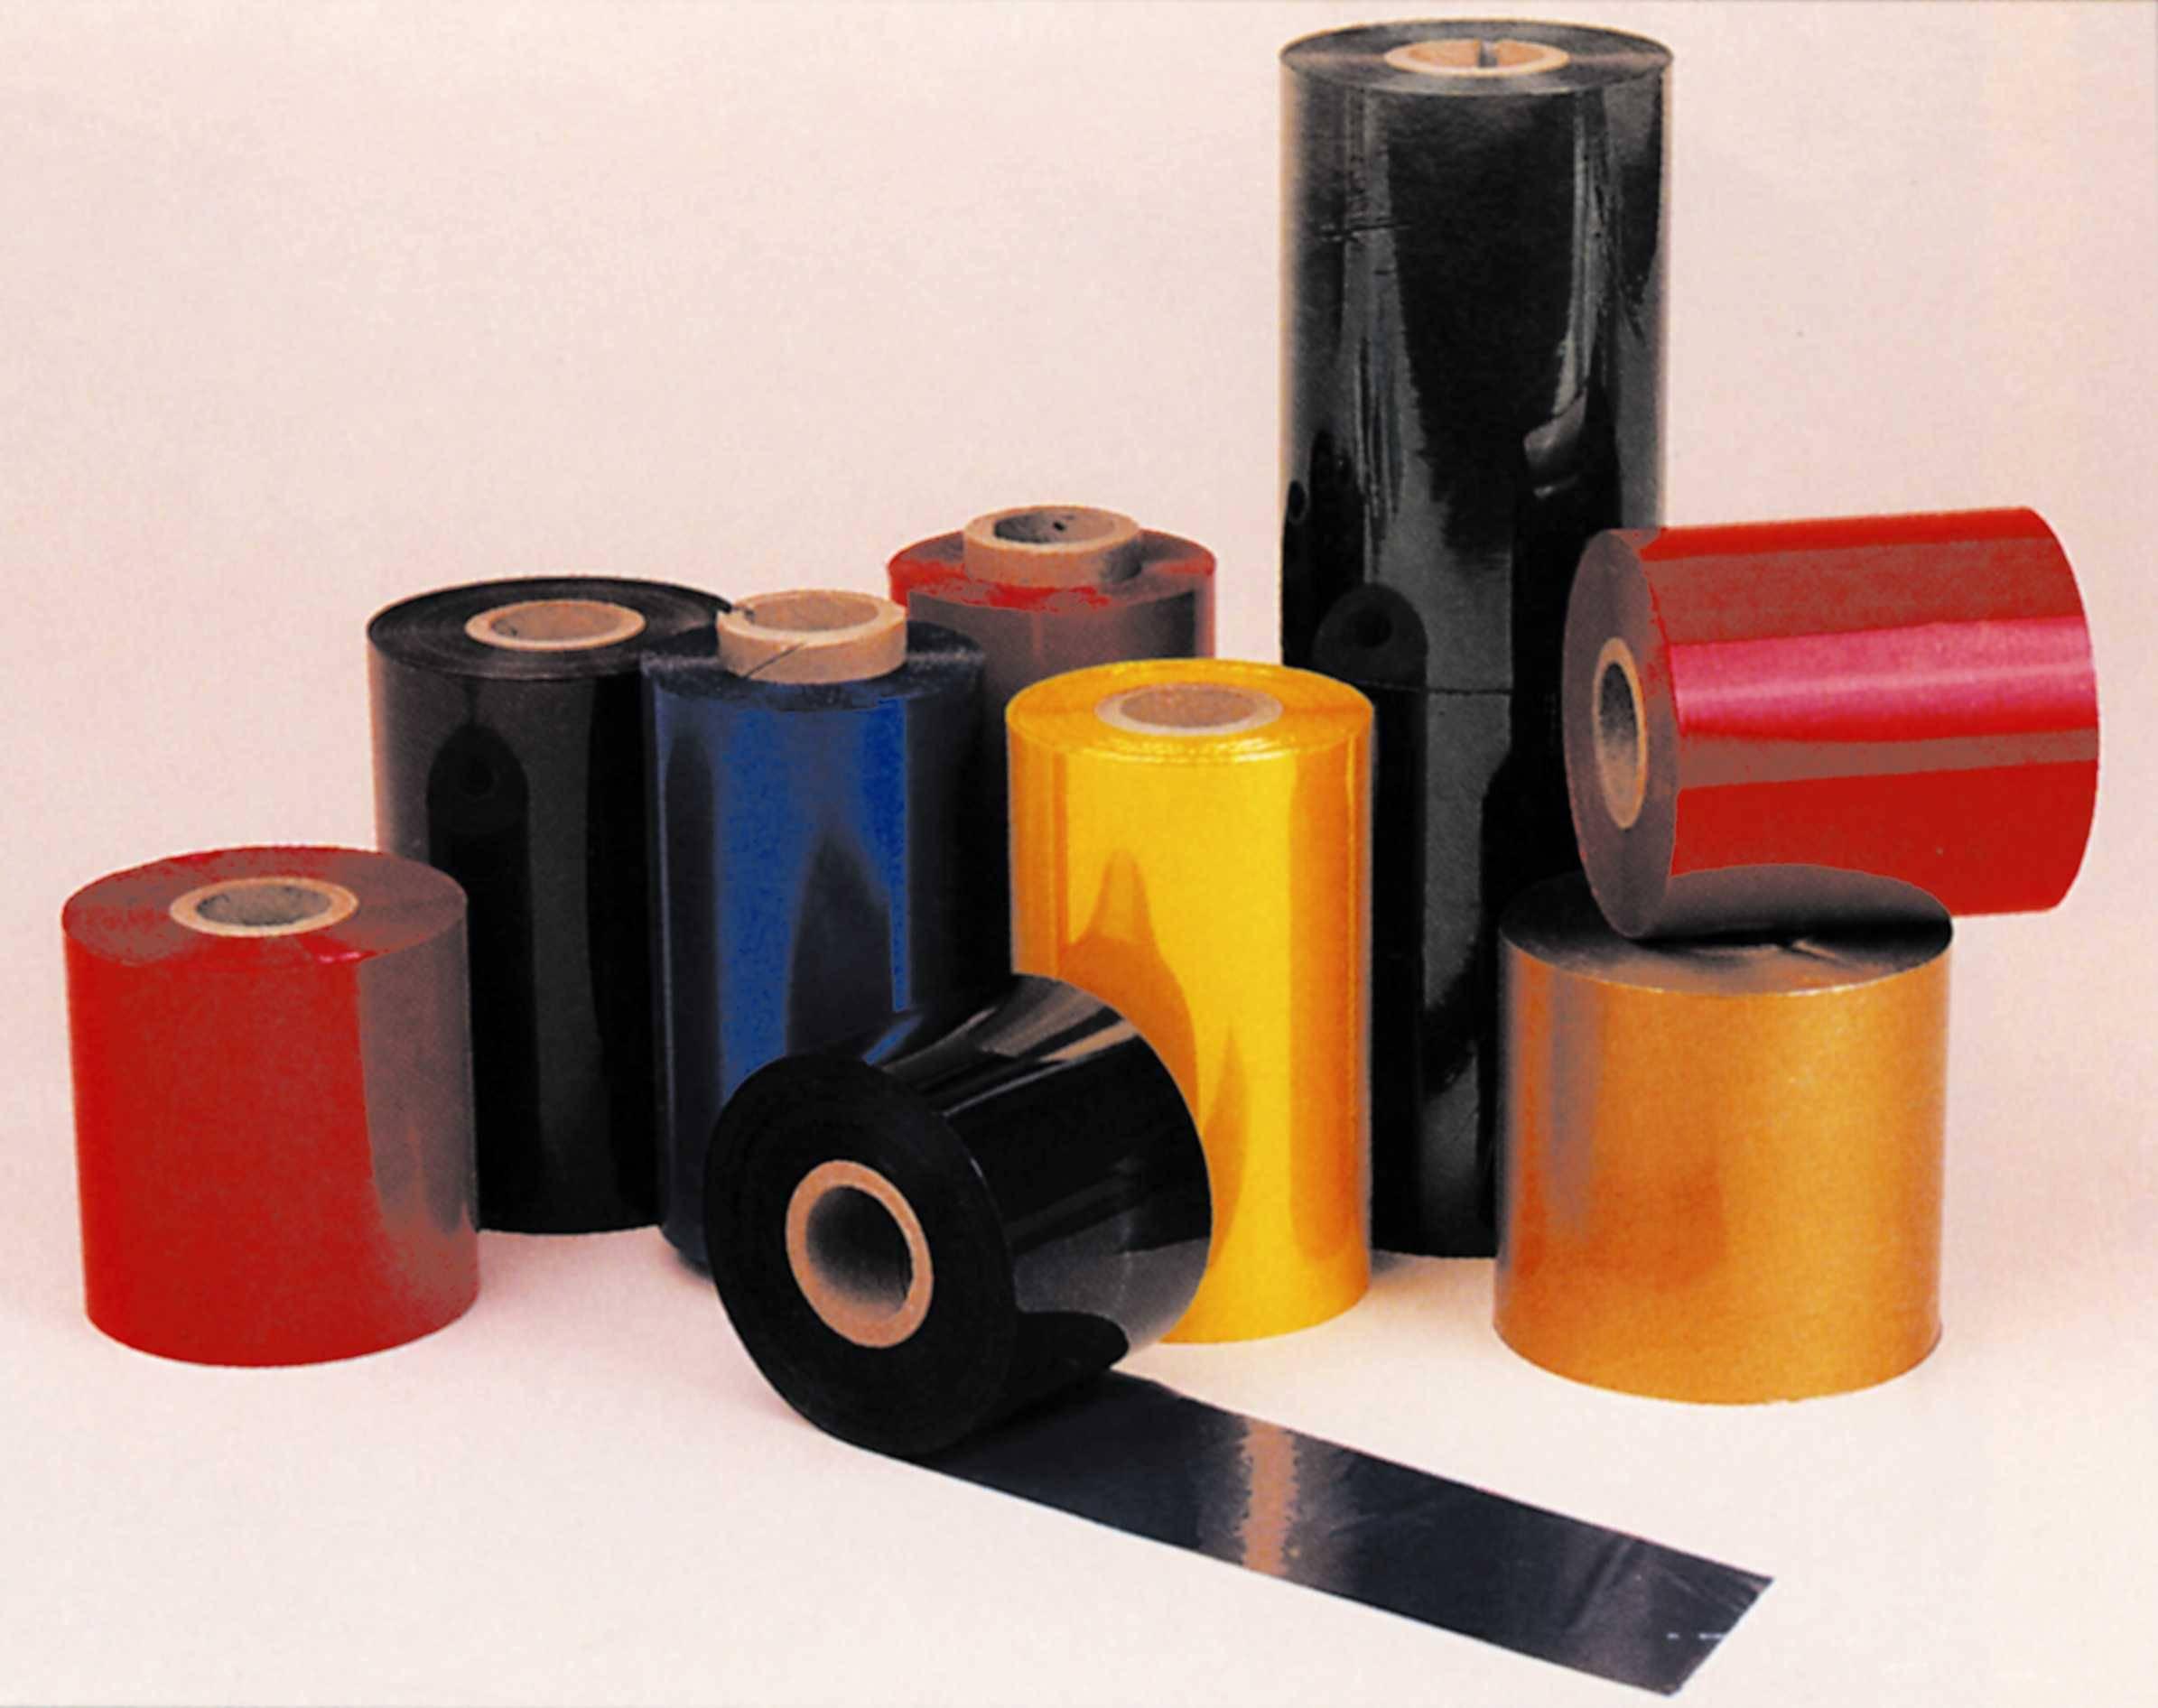 Wax Thermal Transfer Ribbons